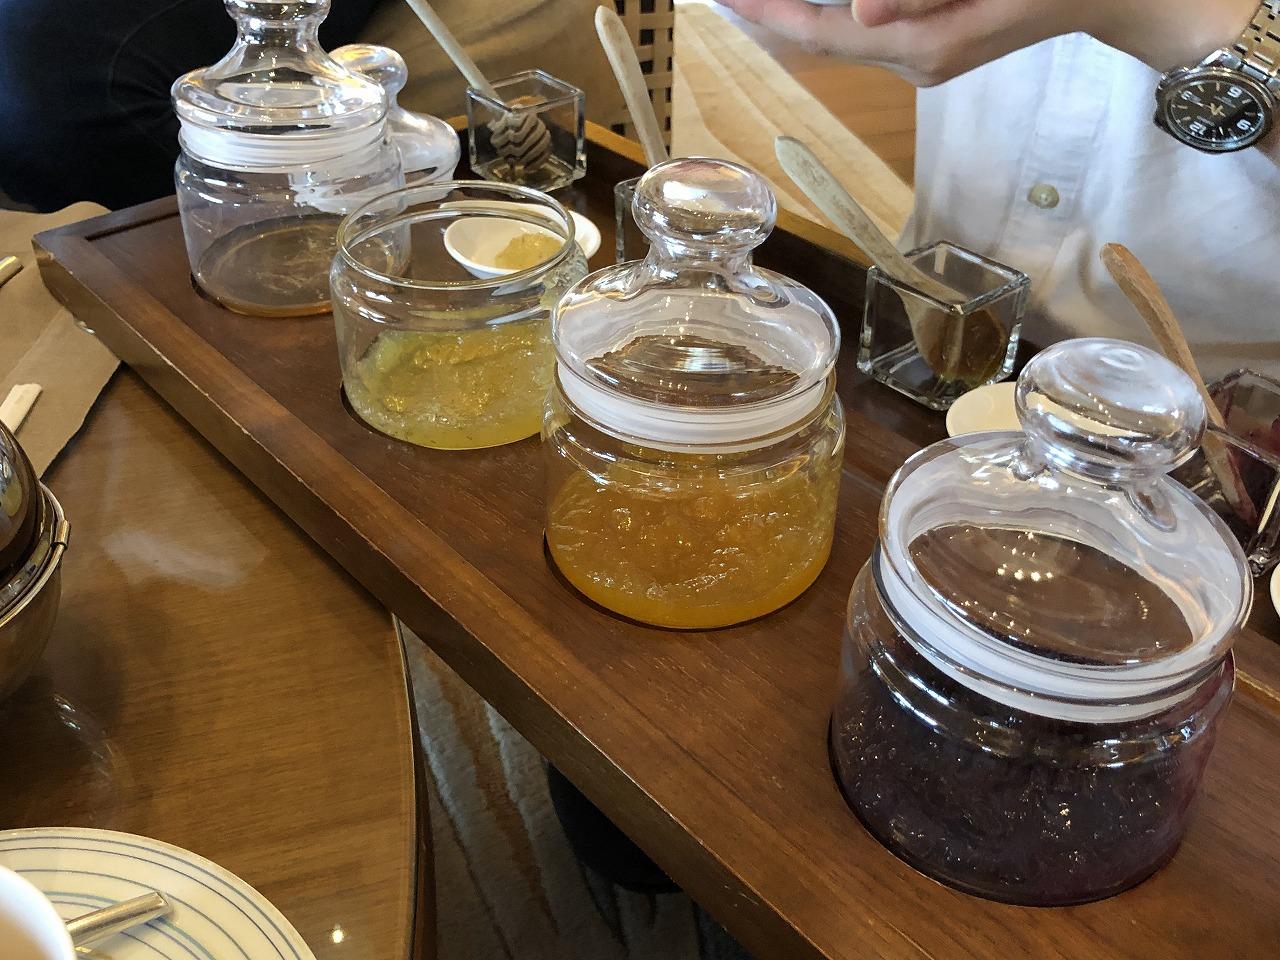 リッツカールトン沖縄の緑茶アフタヌーンティ2